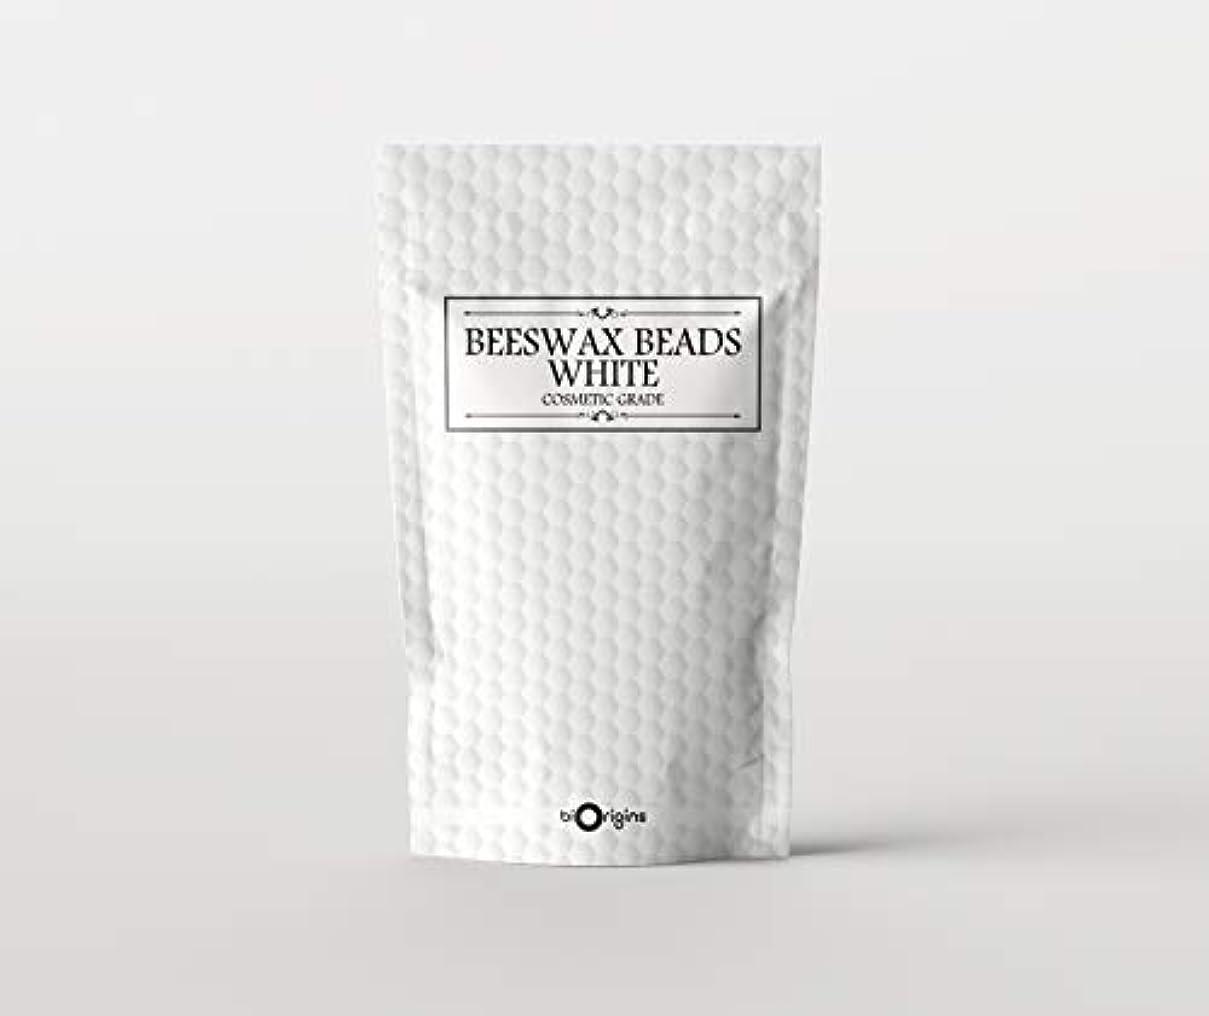 マーカー庭園物質Beeswax Beads White - Cosmetic Grade - 500g